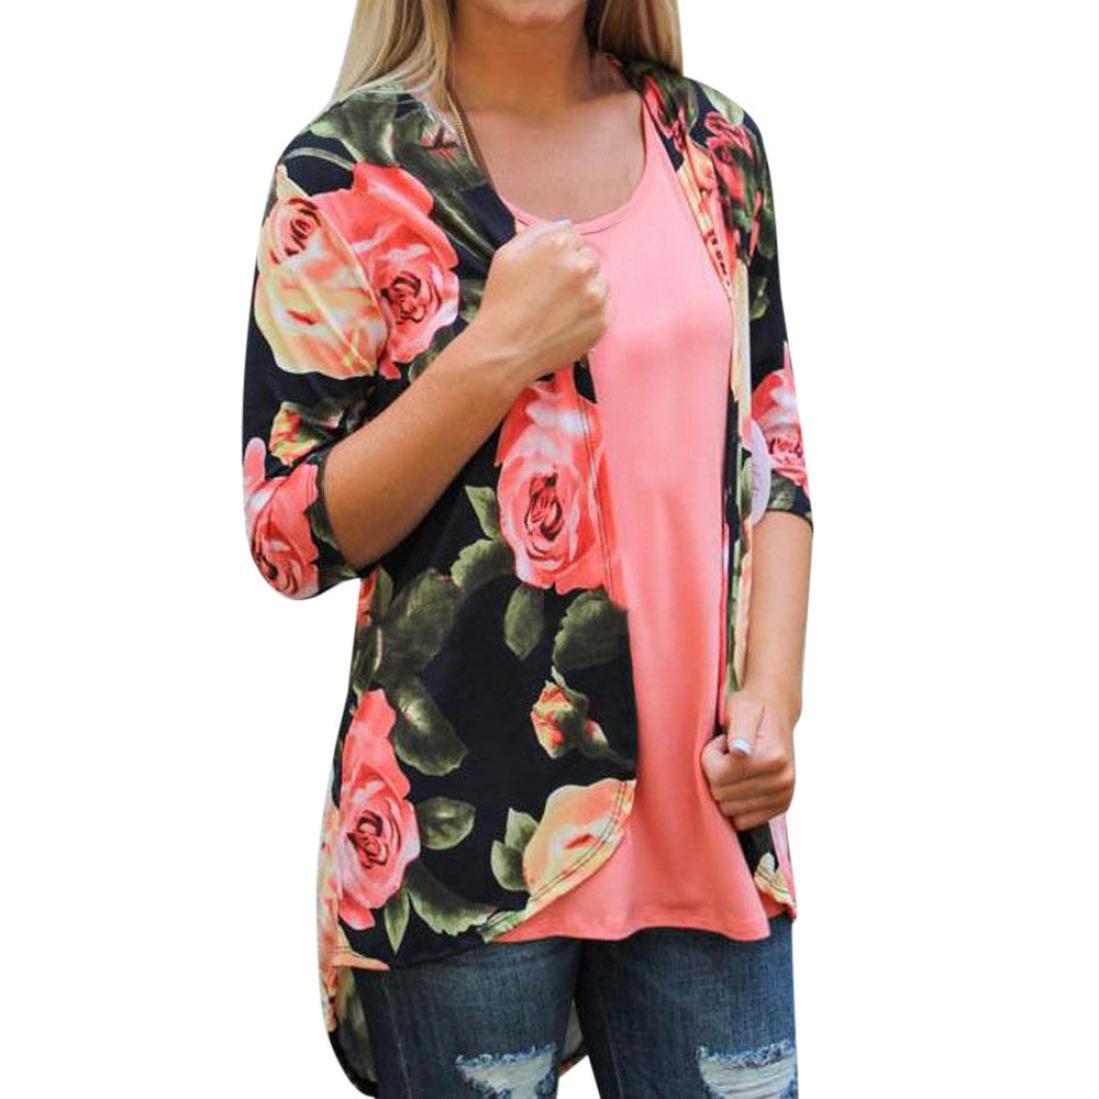 Hiroo Faldas sueltas de la rebeca del kimono del mantón flojo de la impresión floral Retro Irregular dobladillo cubrir el abrigo Suéteres Suaves Grande para la fiesta diaria de la playa